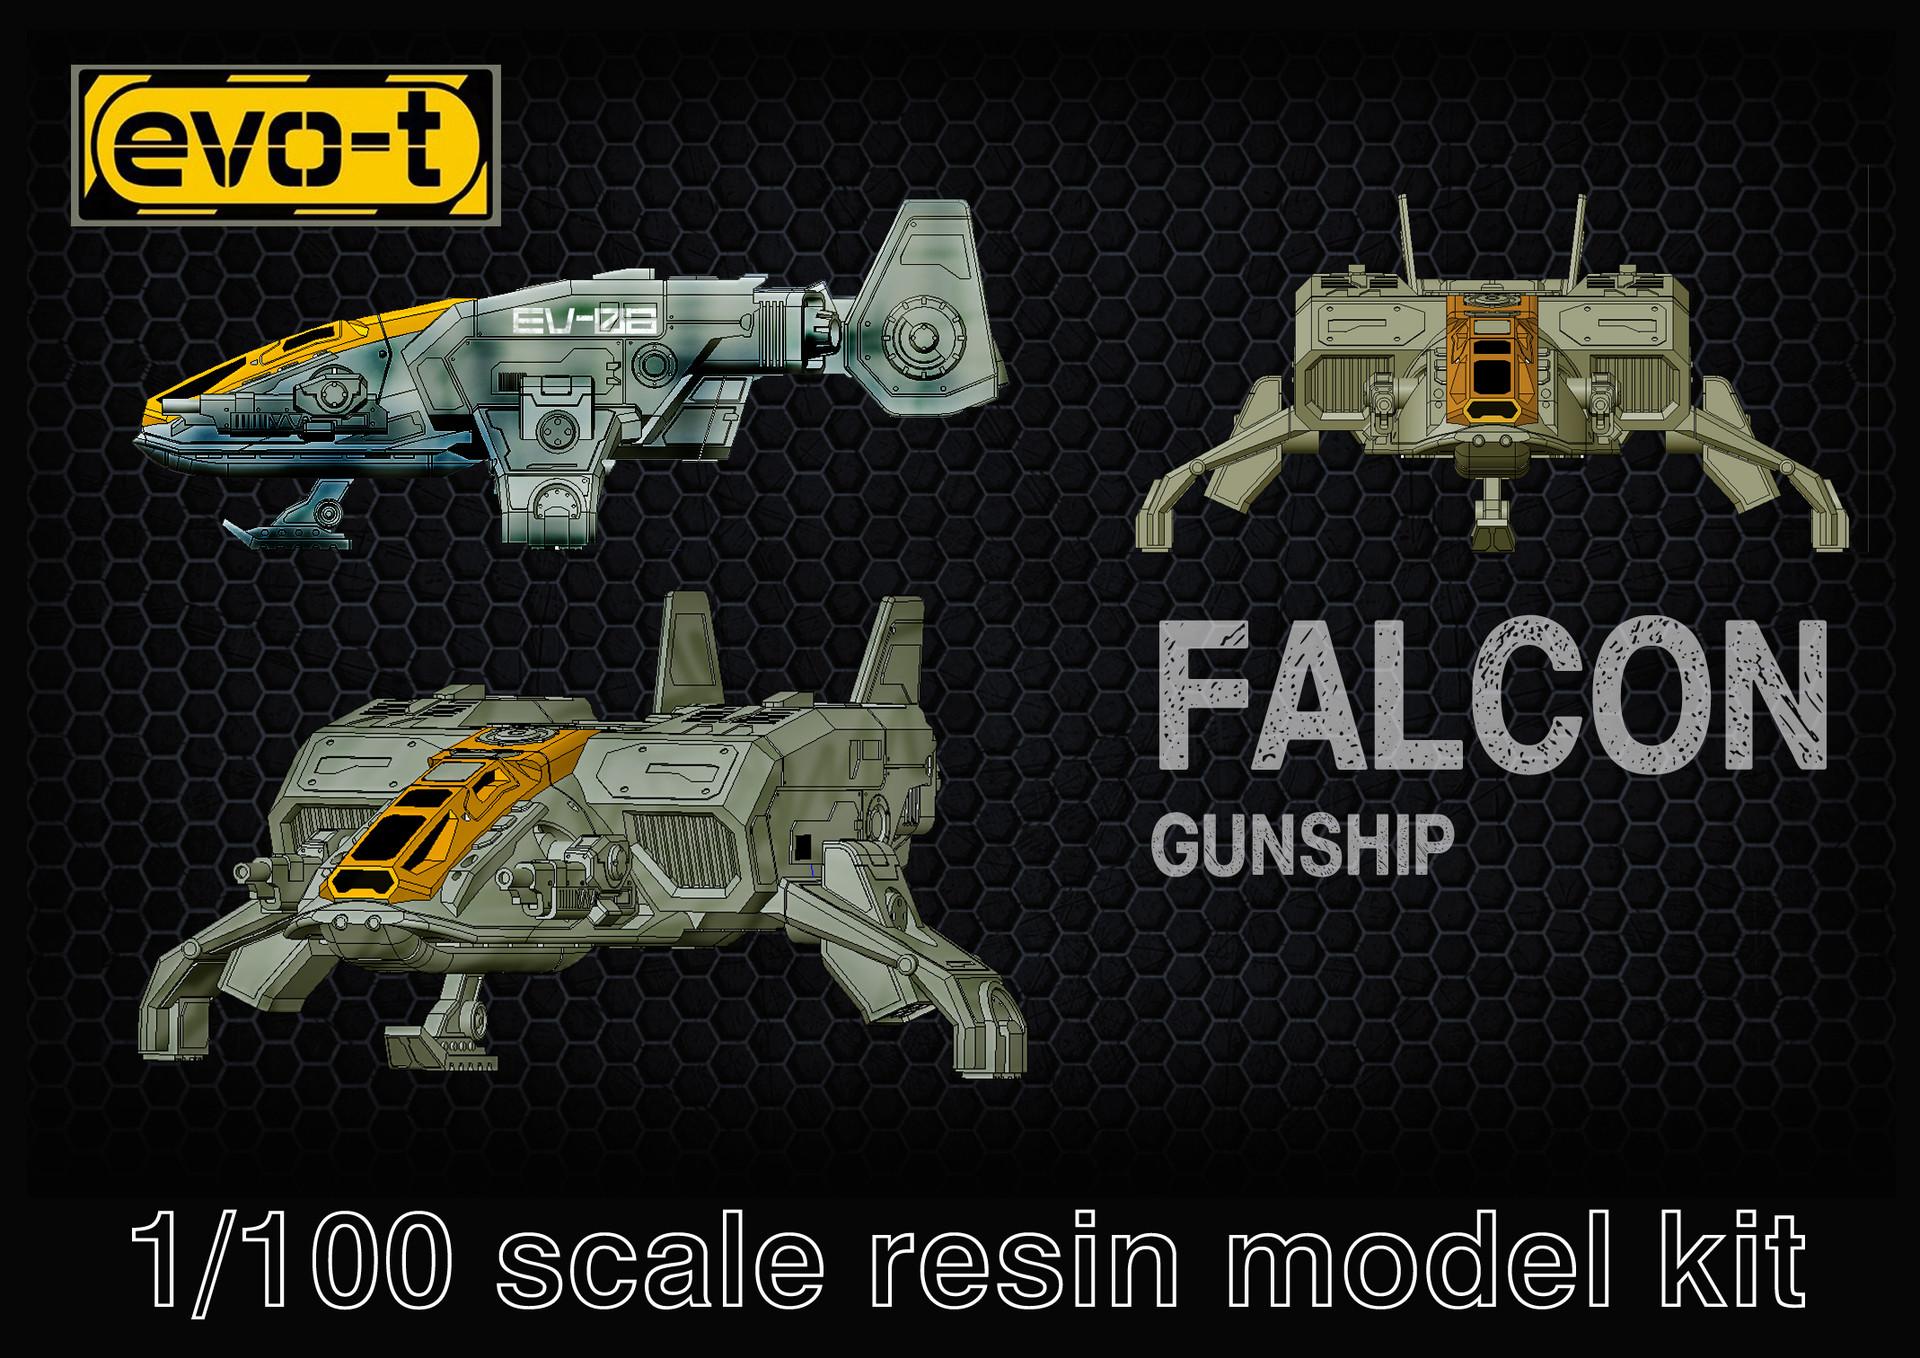 German impache cannoniera falcone1